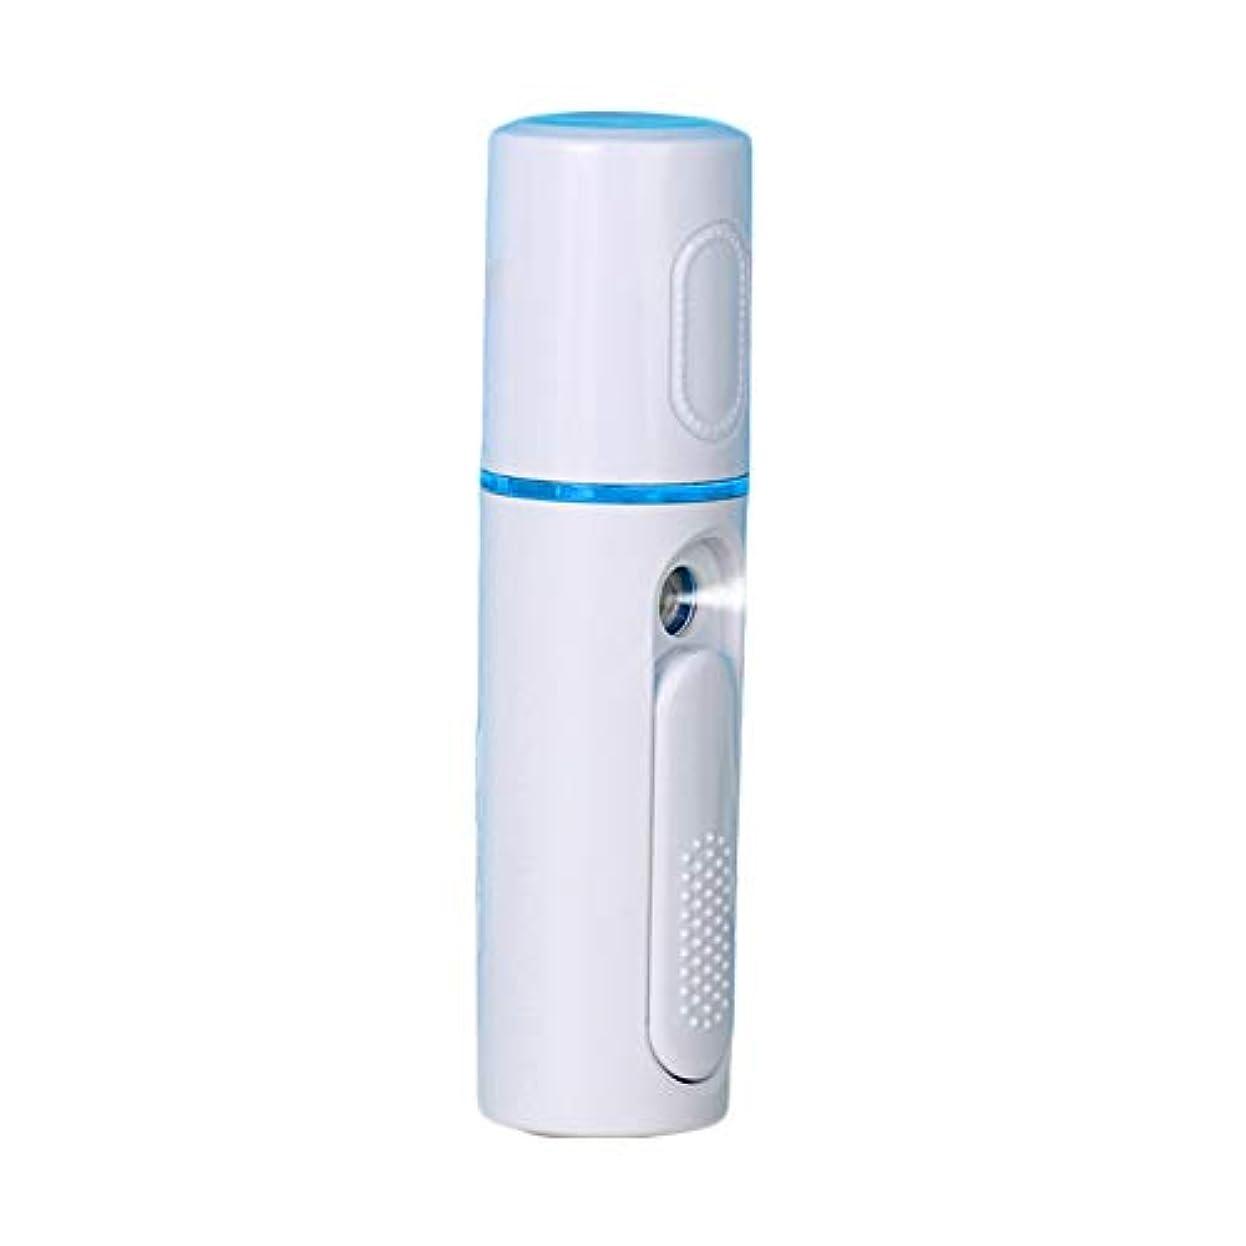 治す効能ある邪悪な美顔器 噴霧式 ミニ携帯 ハンディ 美顔スプレー保湿 美白顔用加湿器 フェイススチーマー 補水美容器 小型 ナノミスト USB